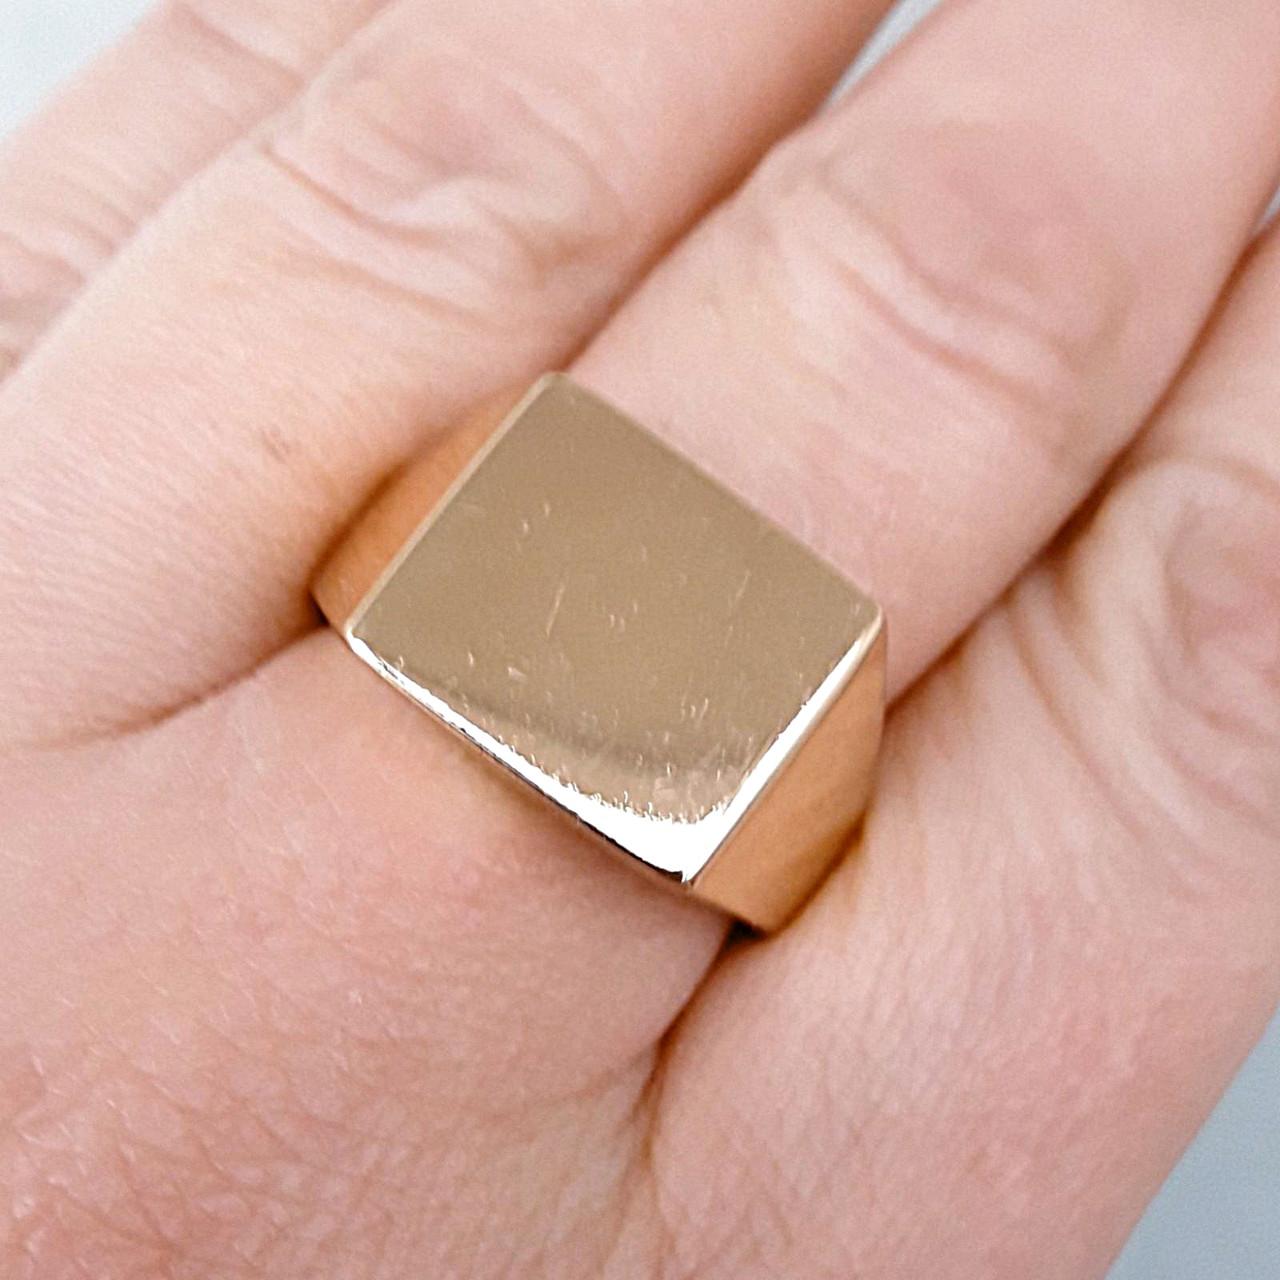 Кольцо xuping 21,22р печатка мужская 1.3см м268